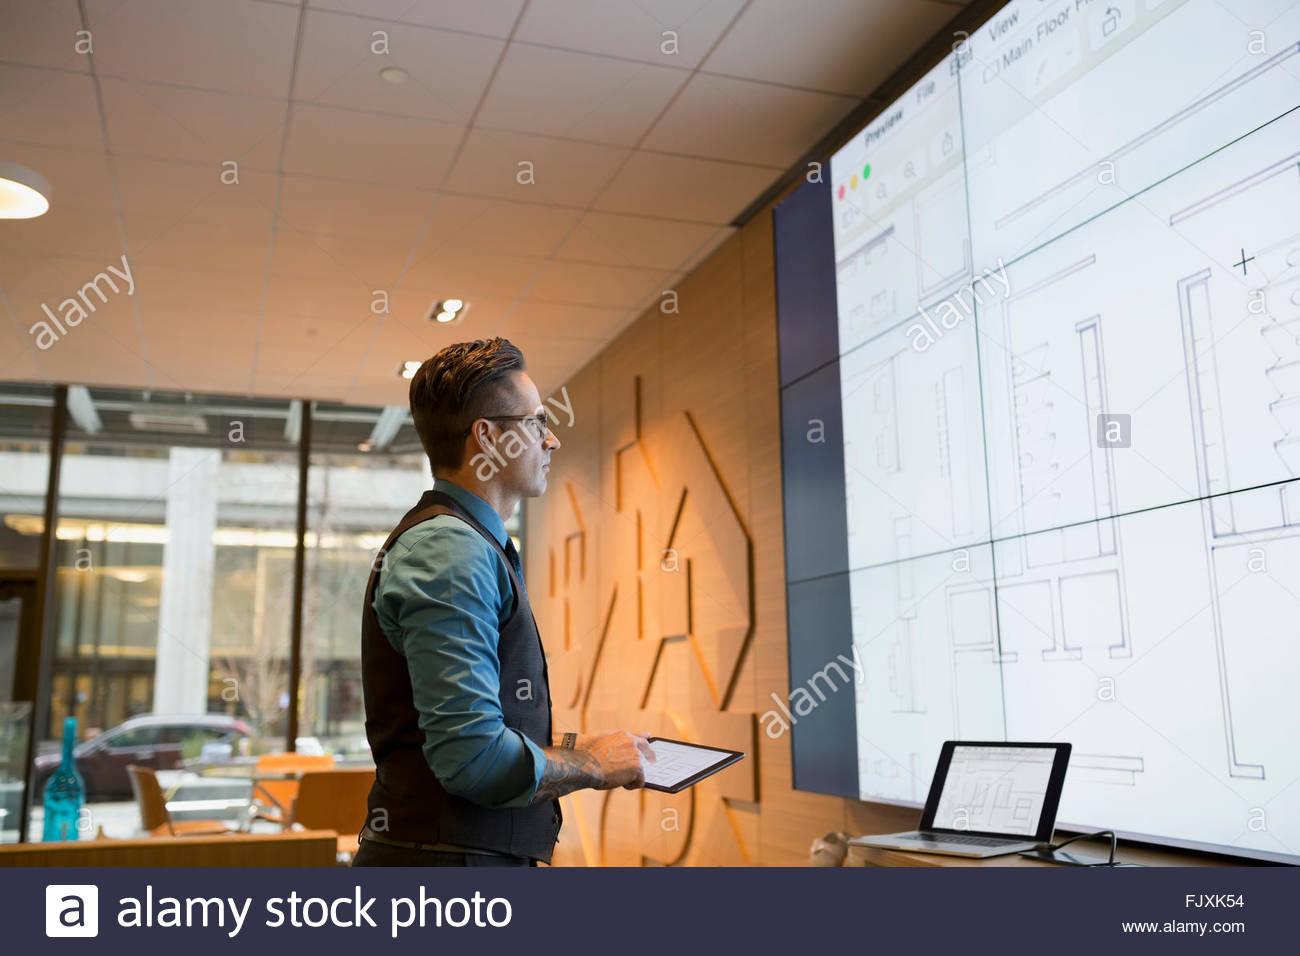 Arquitecto preparar presentación audiovisual en la sala Imagen De Stock